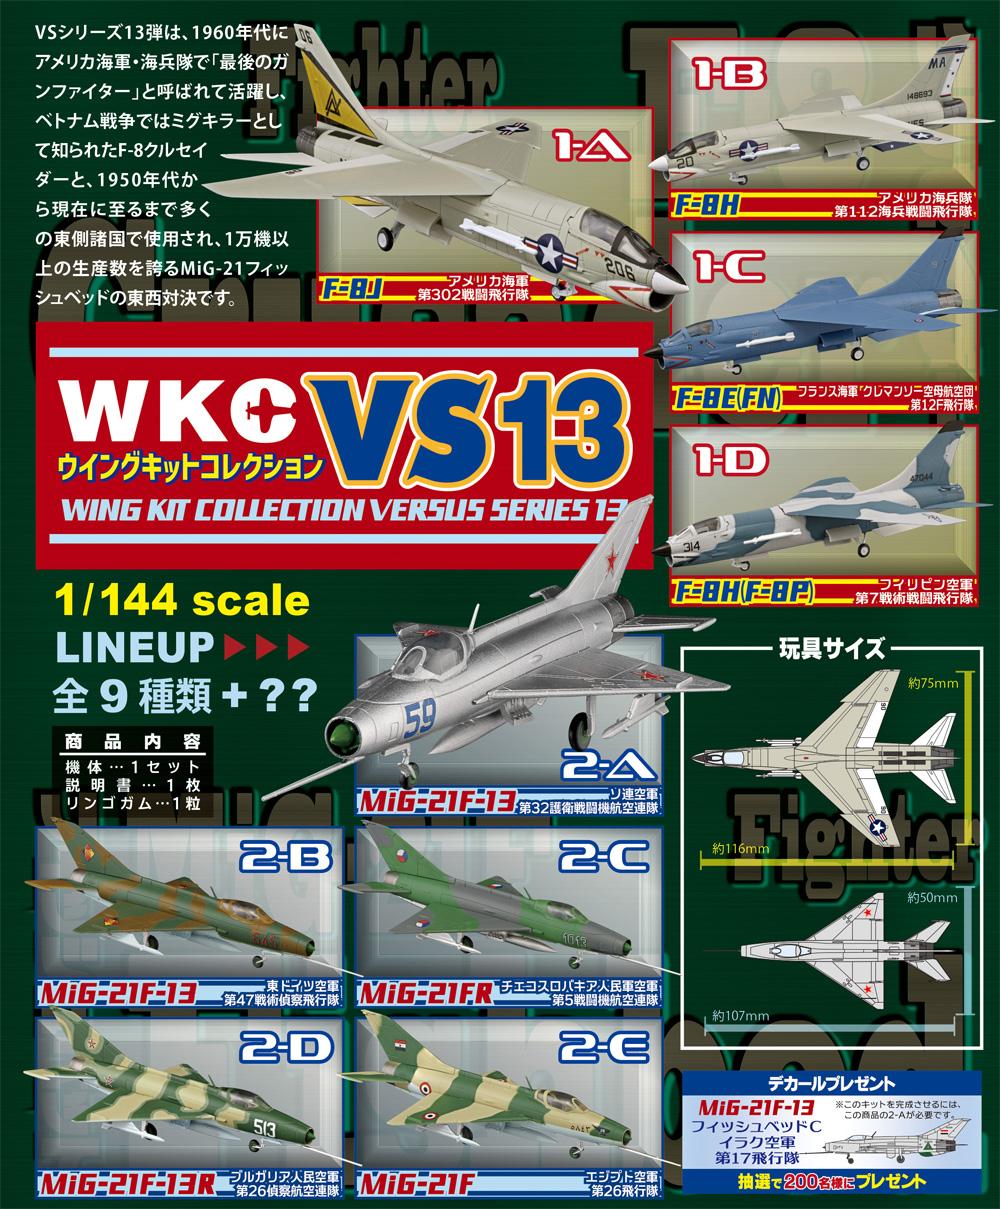 ウイングキットコレクション VSシリーズ 13 (1BOX=10個入)プラモデル(エフトイズウイングキットコレクション VSNo.013)商品画像_1